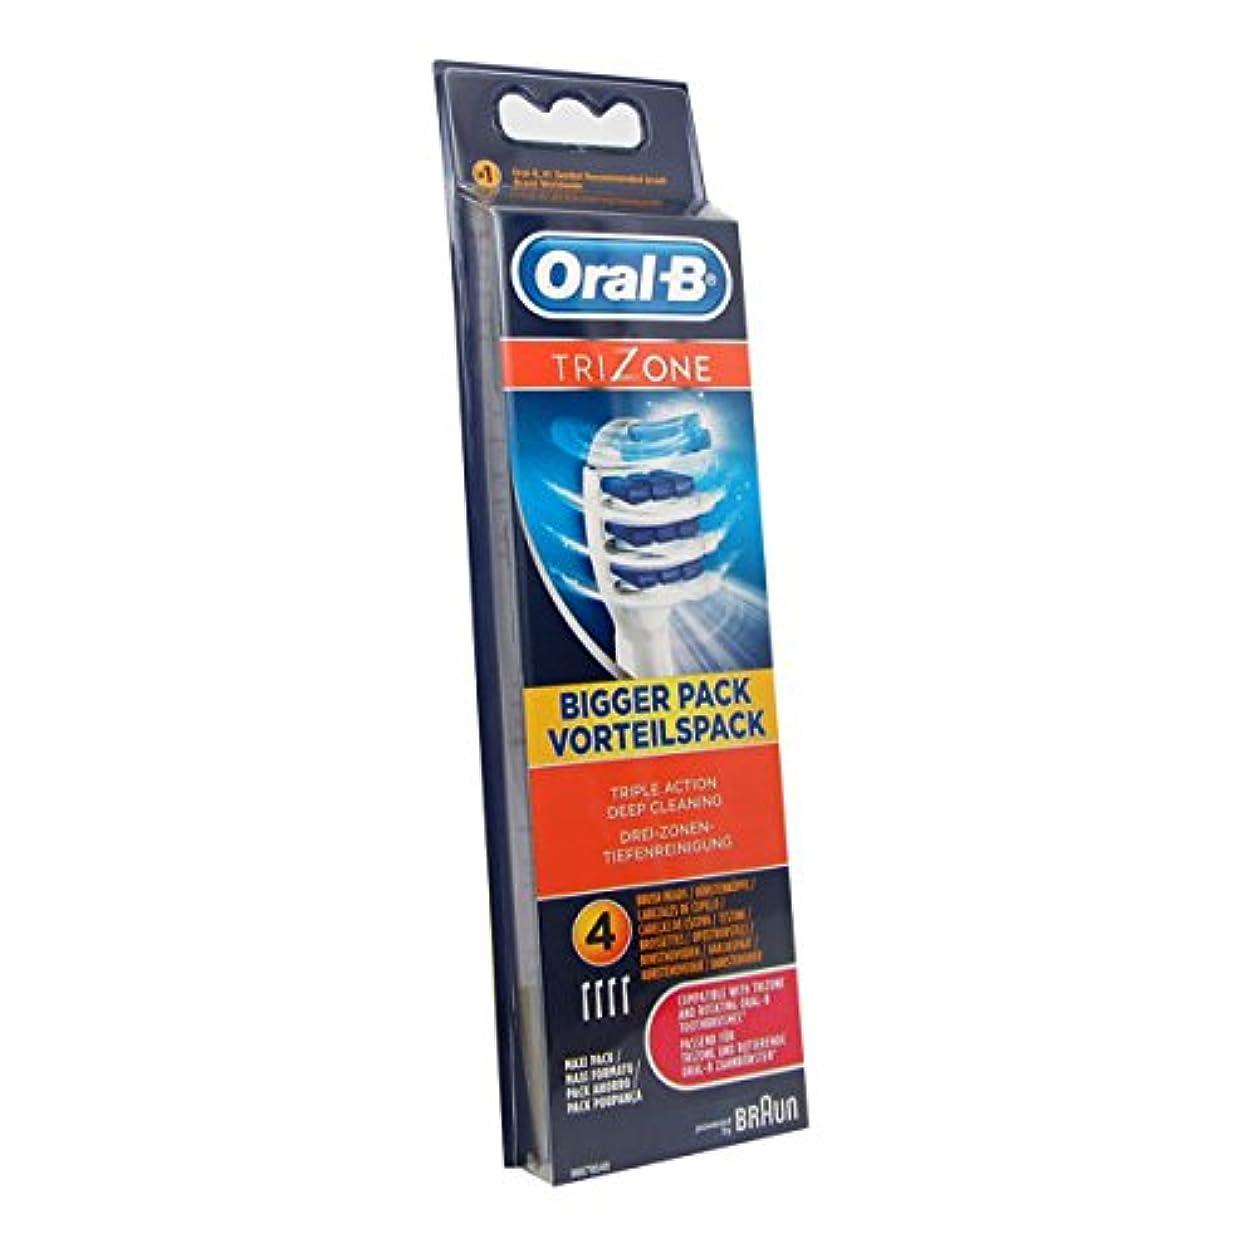 視線耐えられない石化するOral B Trizone Replacement Brush X4 [並行輸入品]